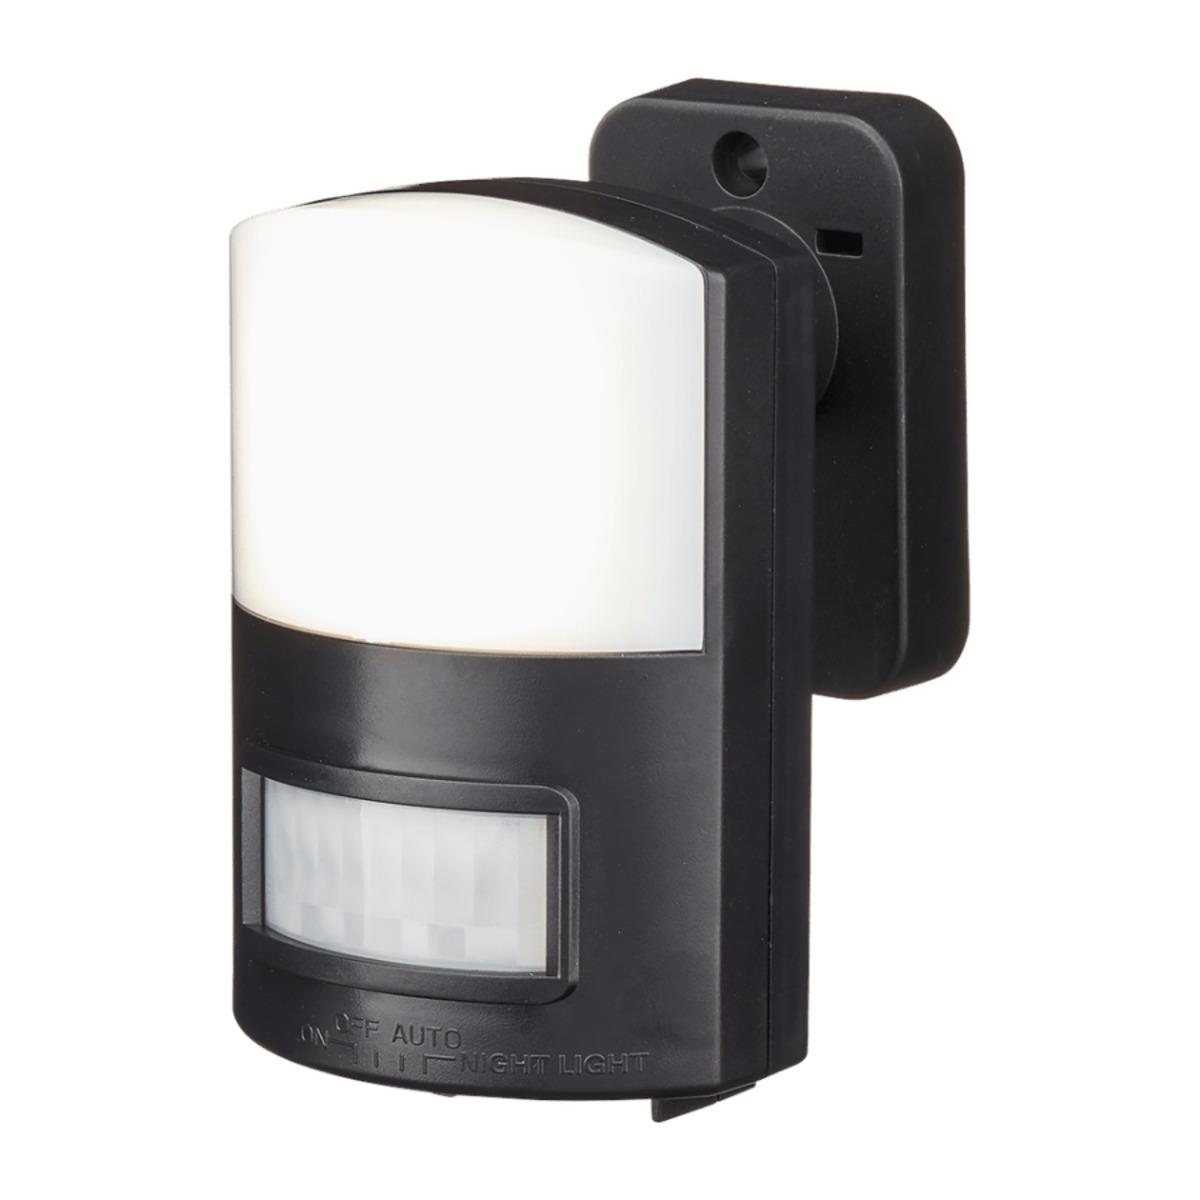 Bild 5 von LIGHTZONE     LED Leuchte mit Bewegungsmelder